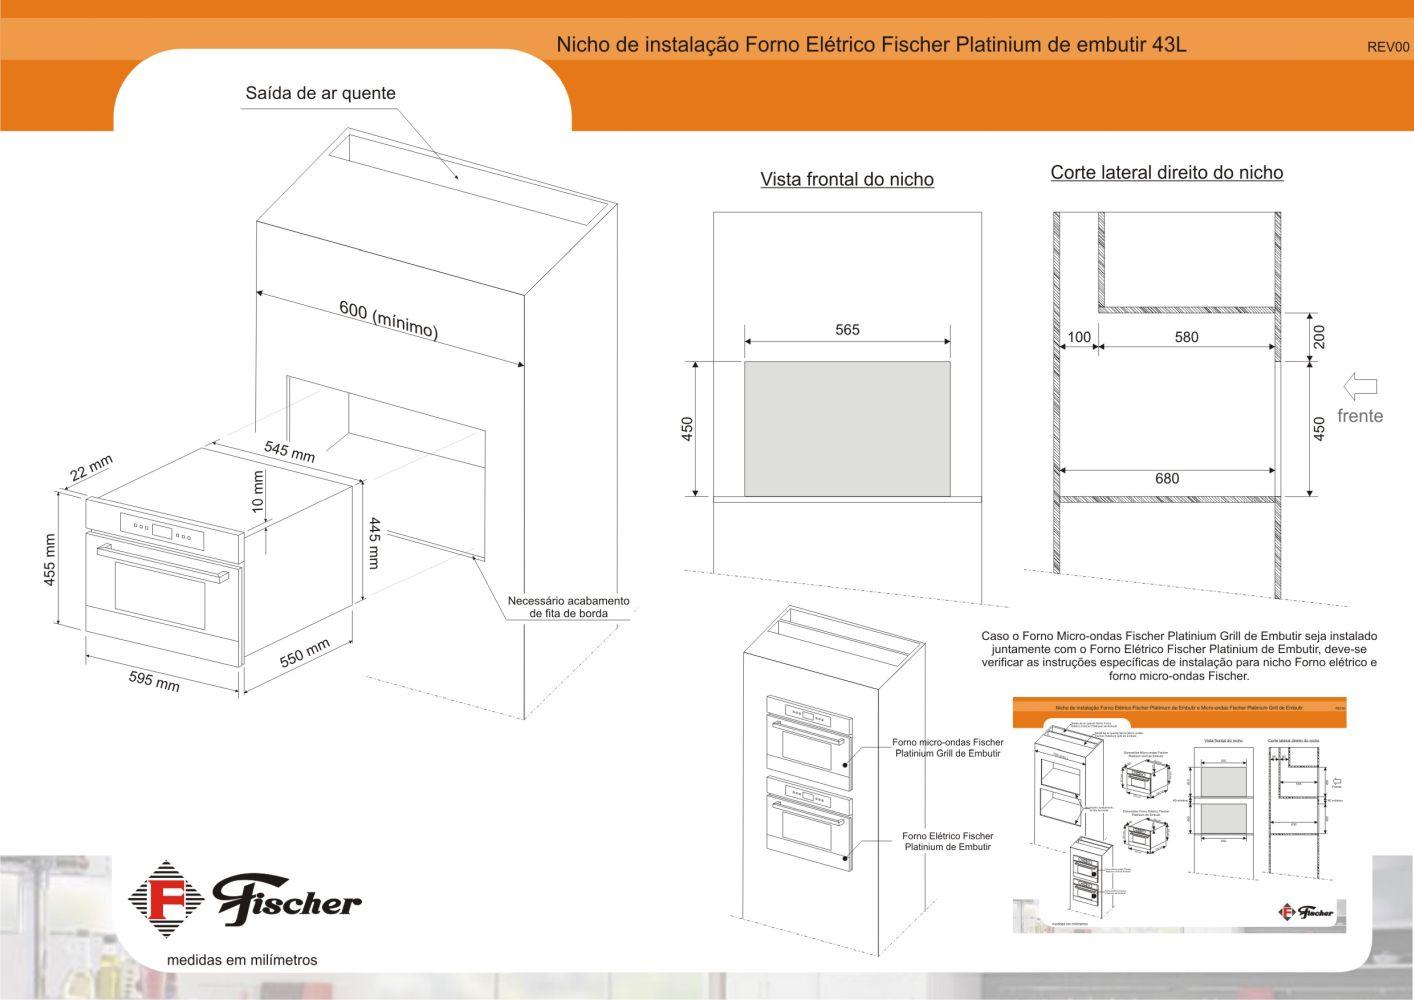 Instalação do forno de embutir Fischer Platinium